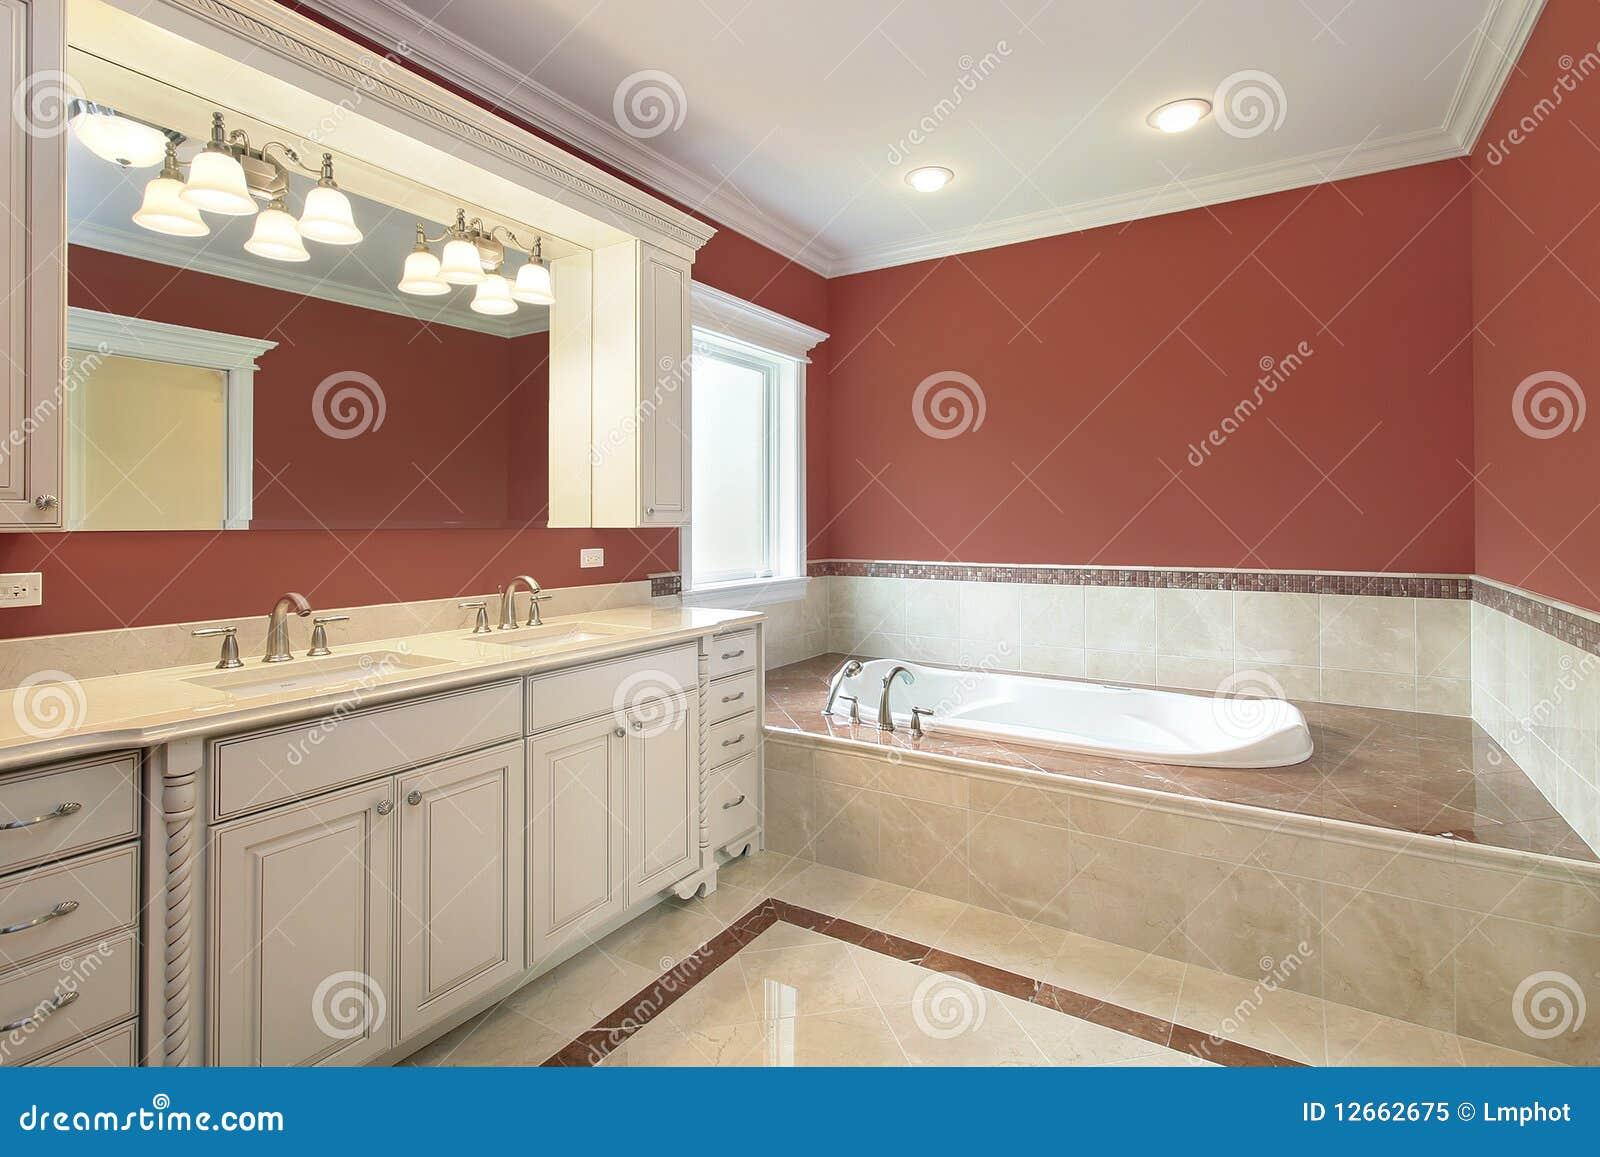 Pareti Rosa Salmone : Bagno matrice con le pareti colorate salmoni immagine stock